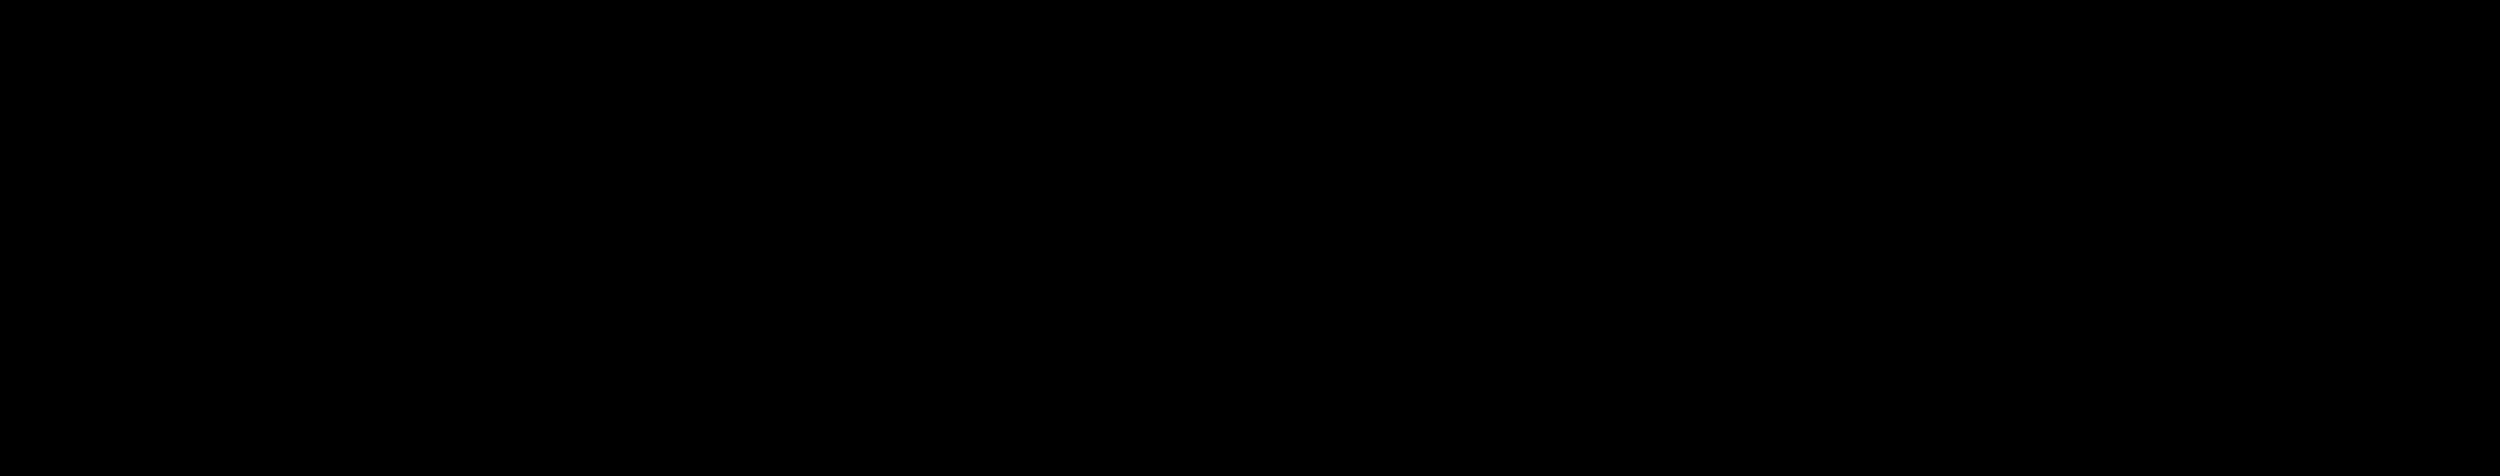 ConTeam Website Logo.png